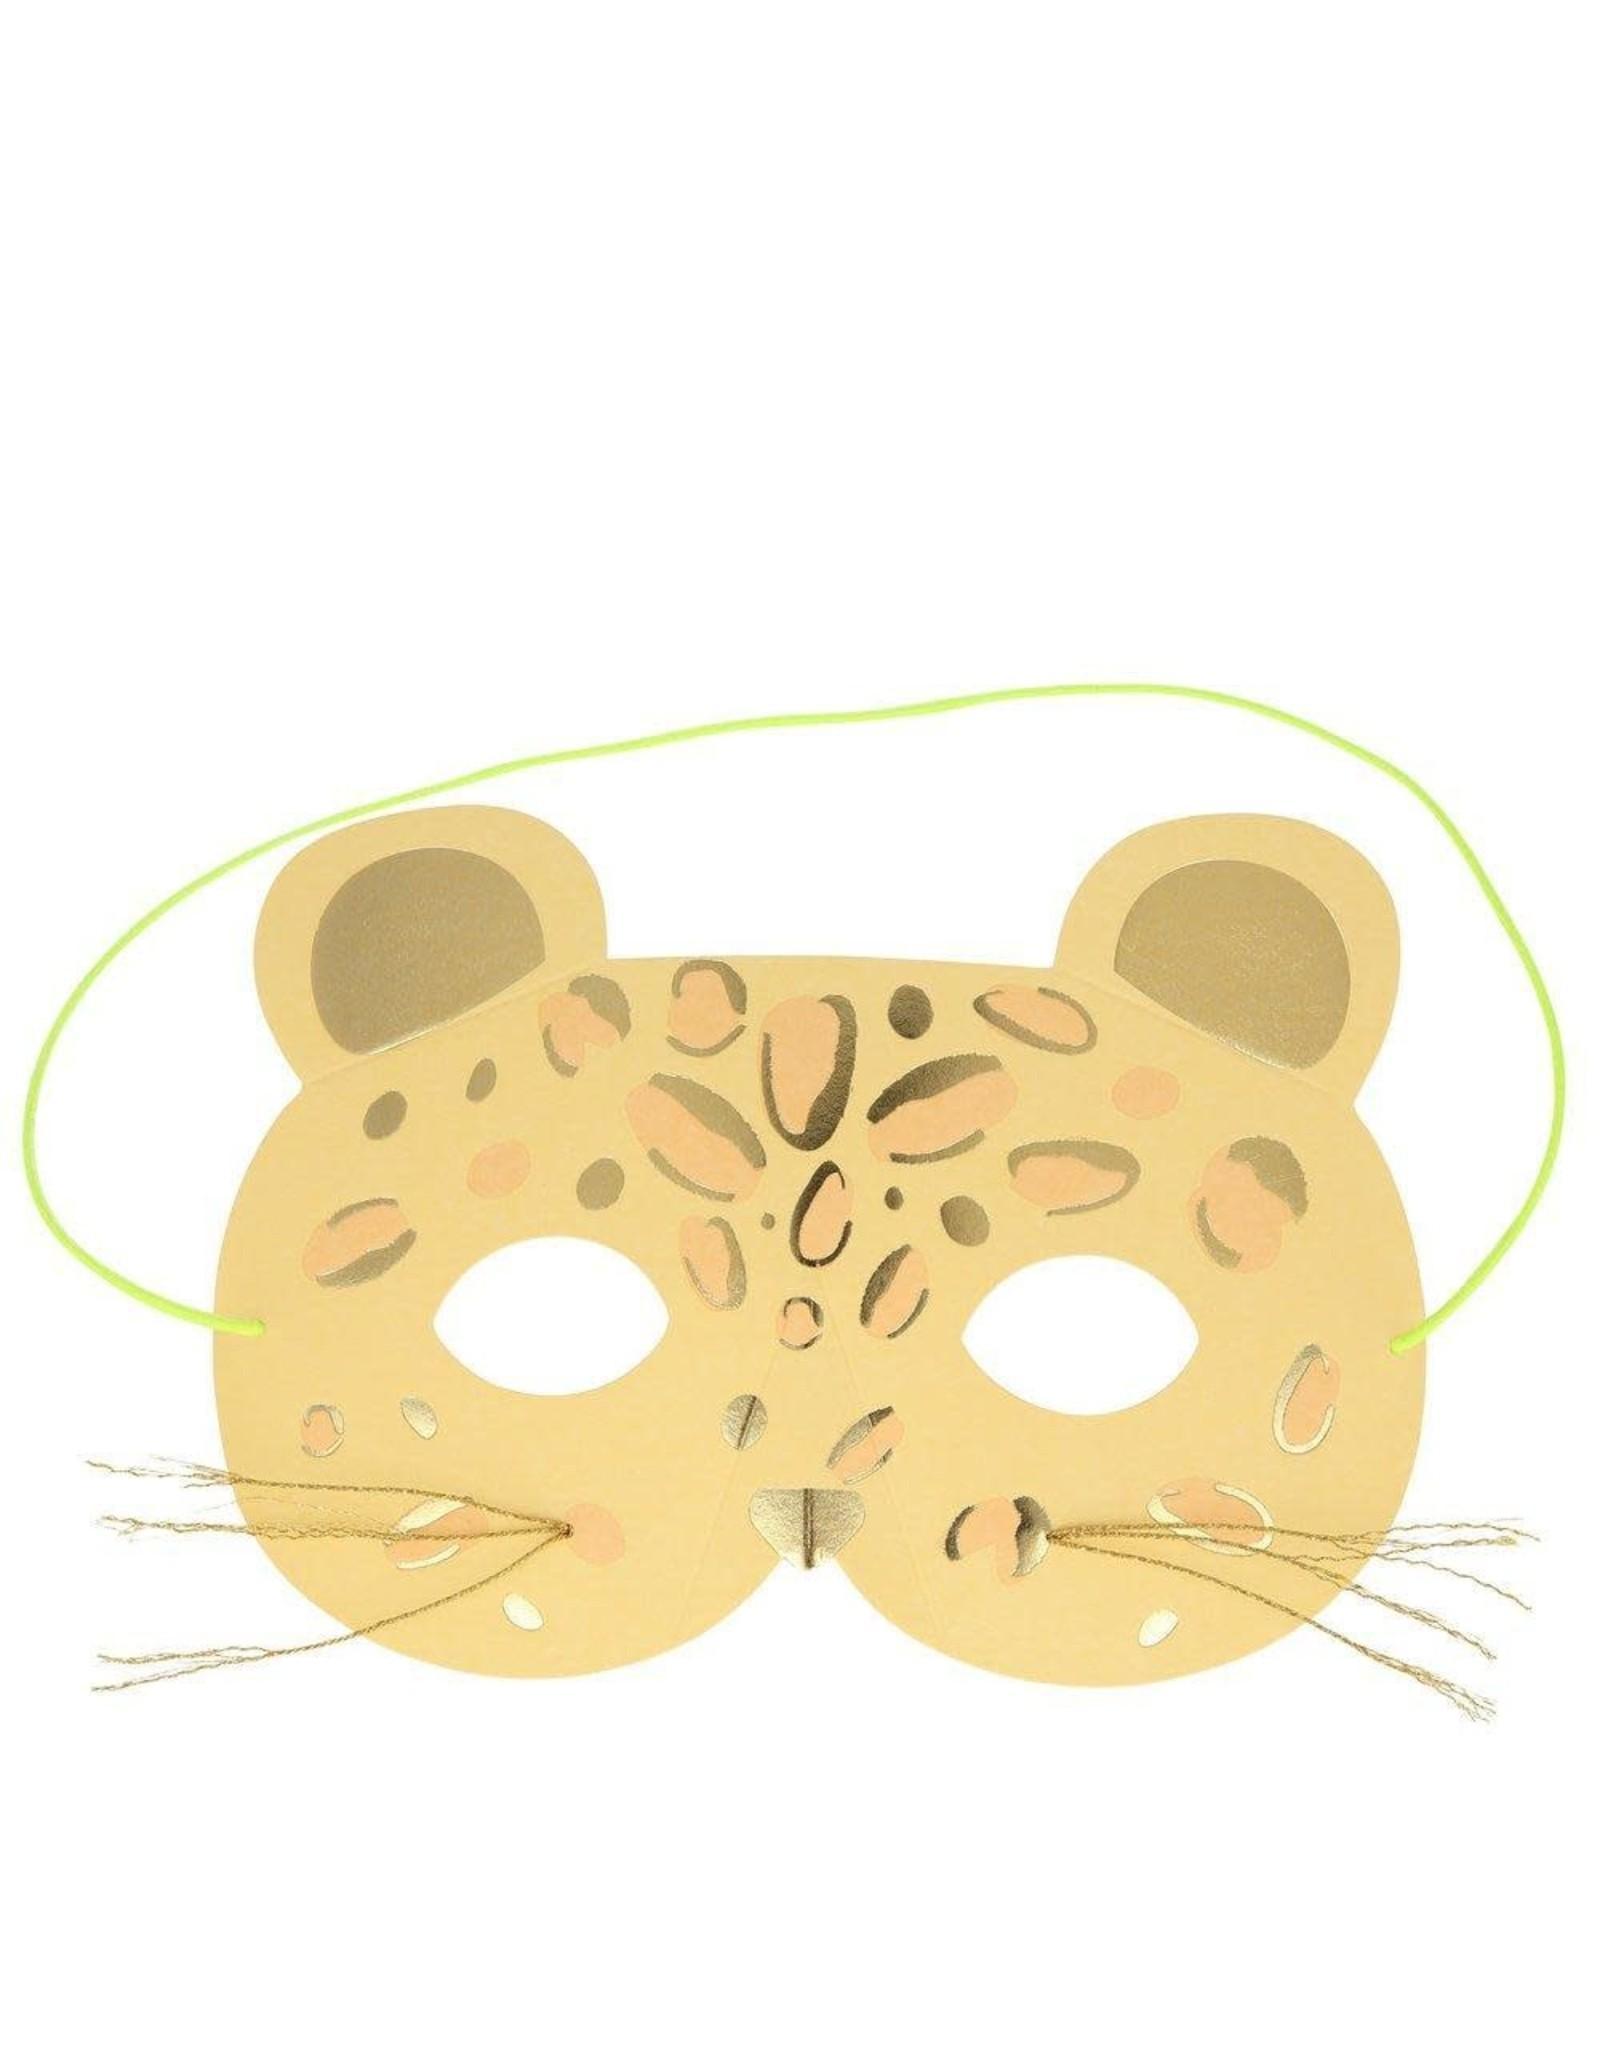 Meri Meri Wenskaart - Leopard Mask + envelop - 13,5 x 18,5 - Happy Birthday